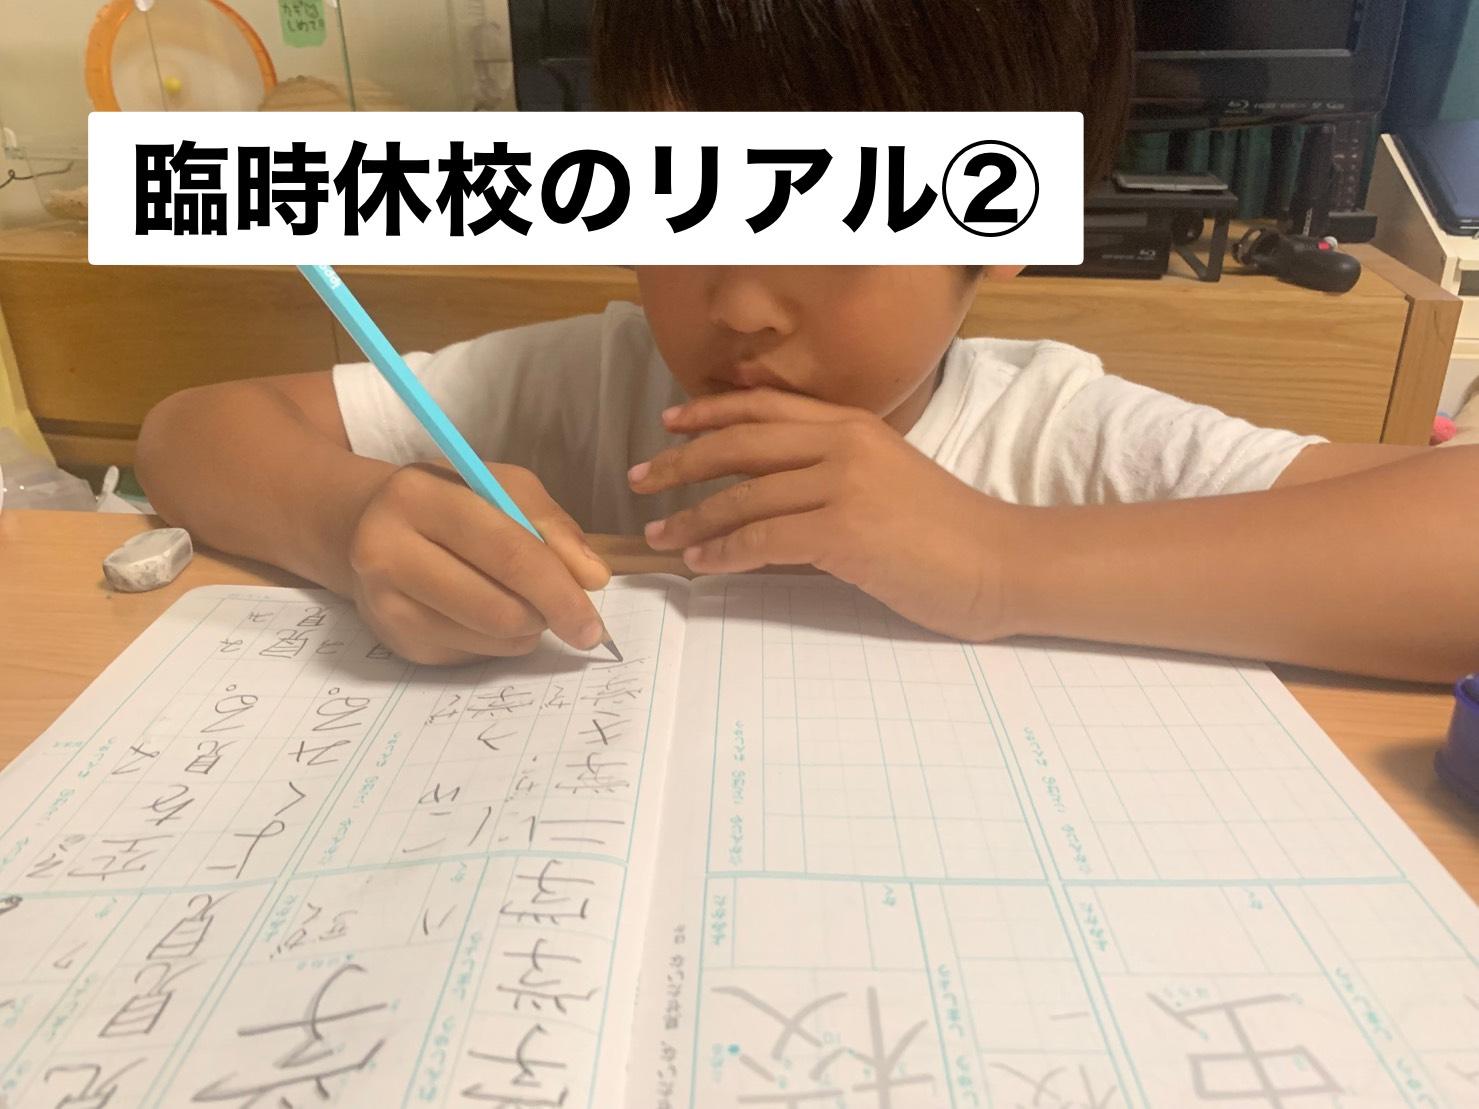 臨時休校のリアル②タイトル画像